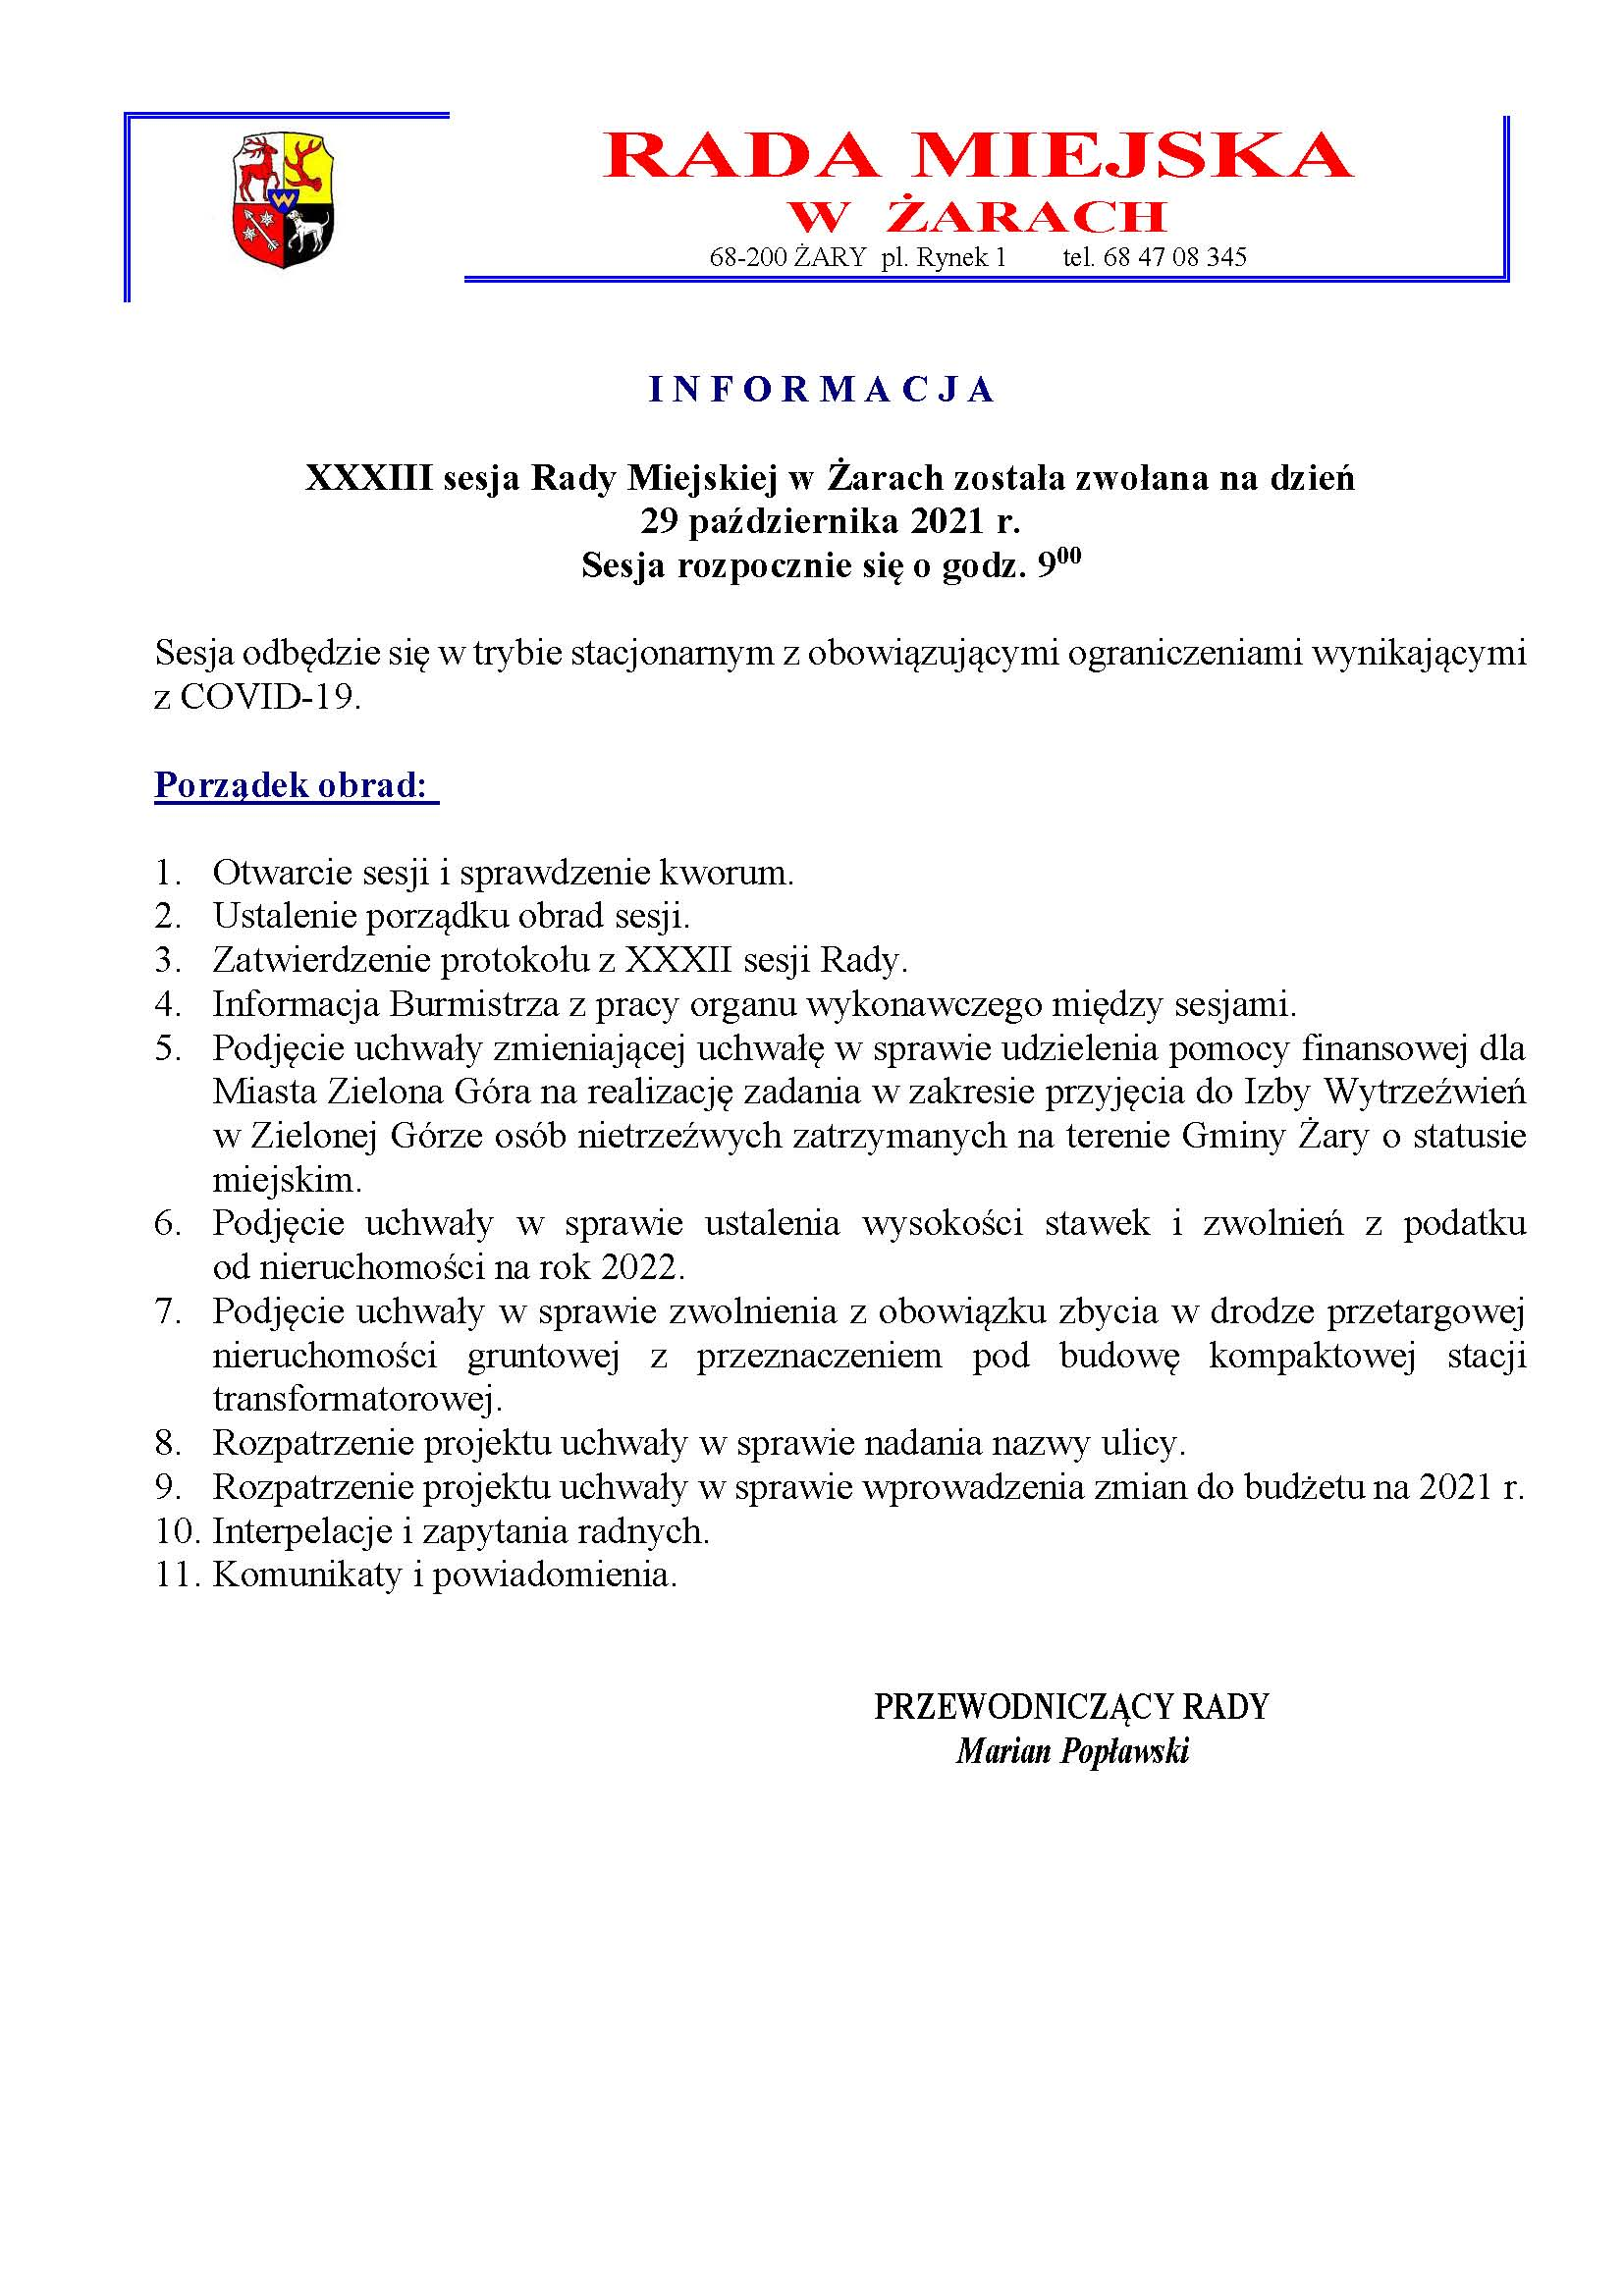 Ilustracja do informacji: Informacja o XXXIII sesji Rady